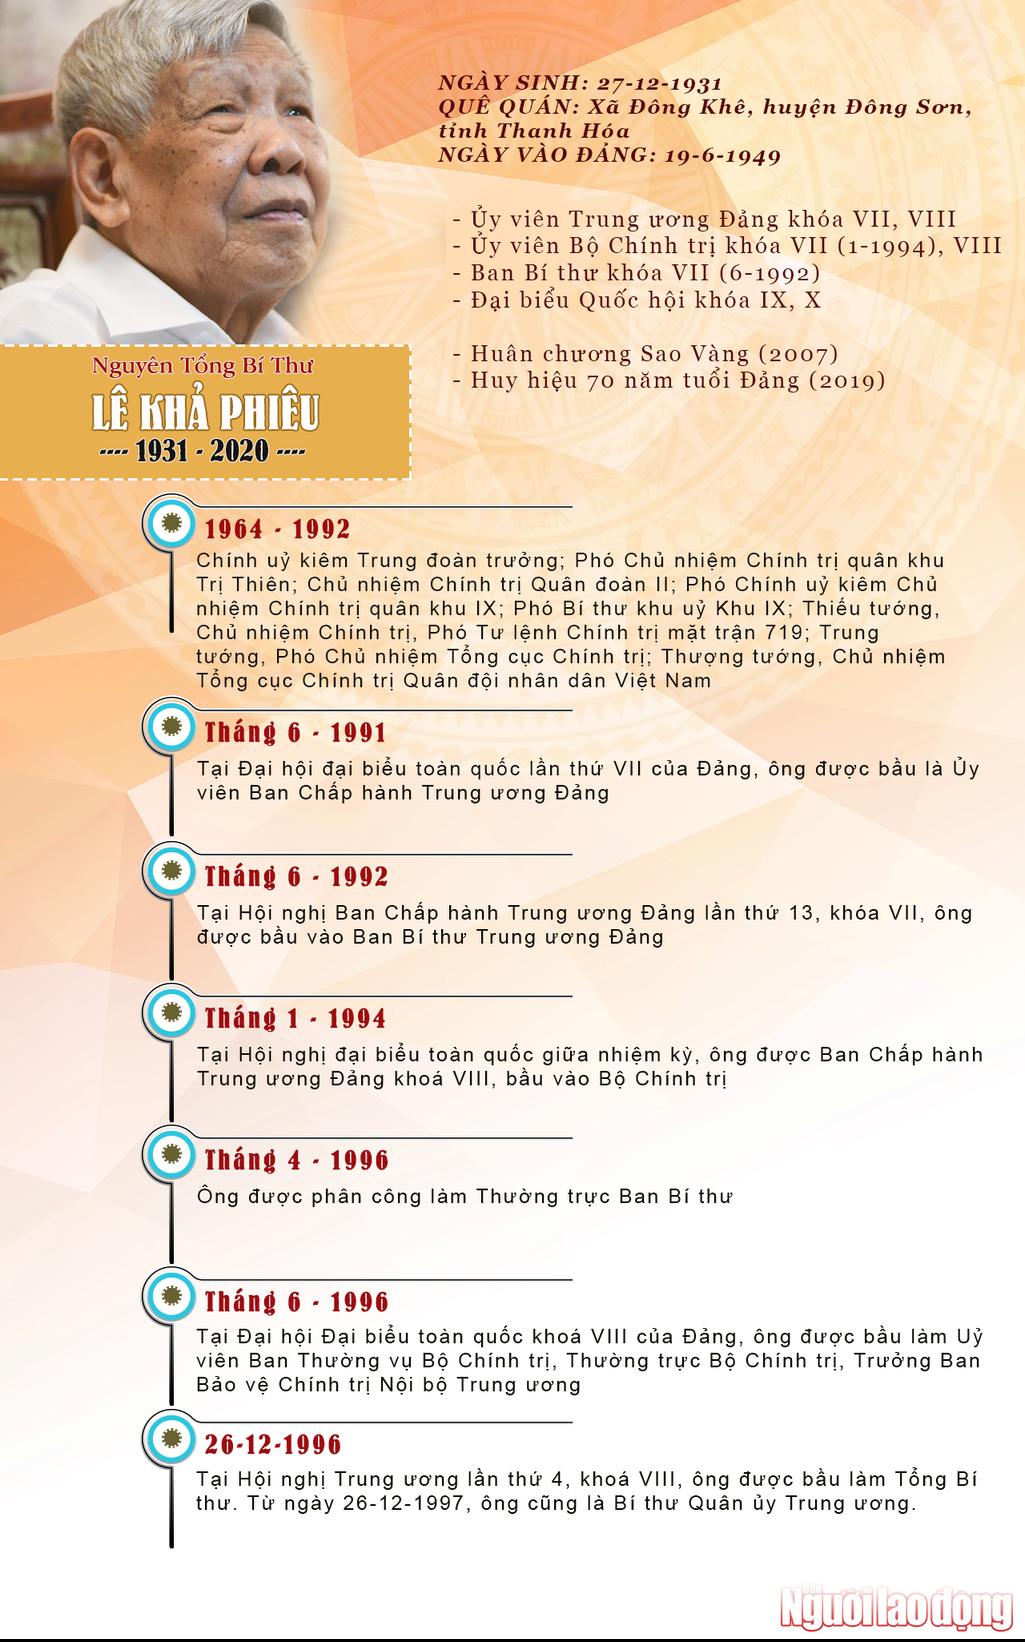 Nguyên Tổng Bí thư Lê Khả Phiêu qua đời ở tuổi 89 - Ảnh 2.